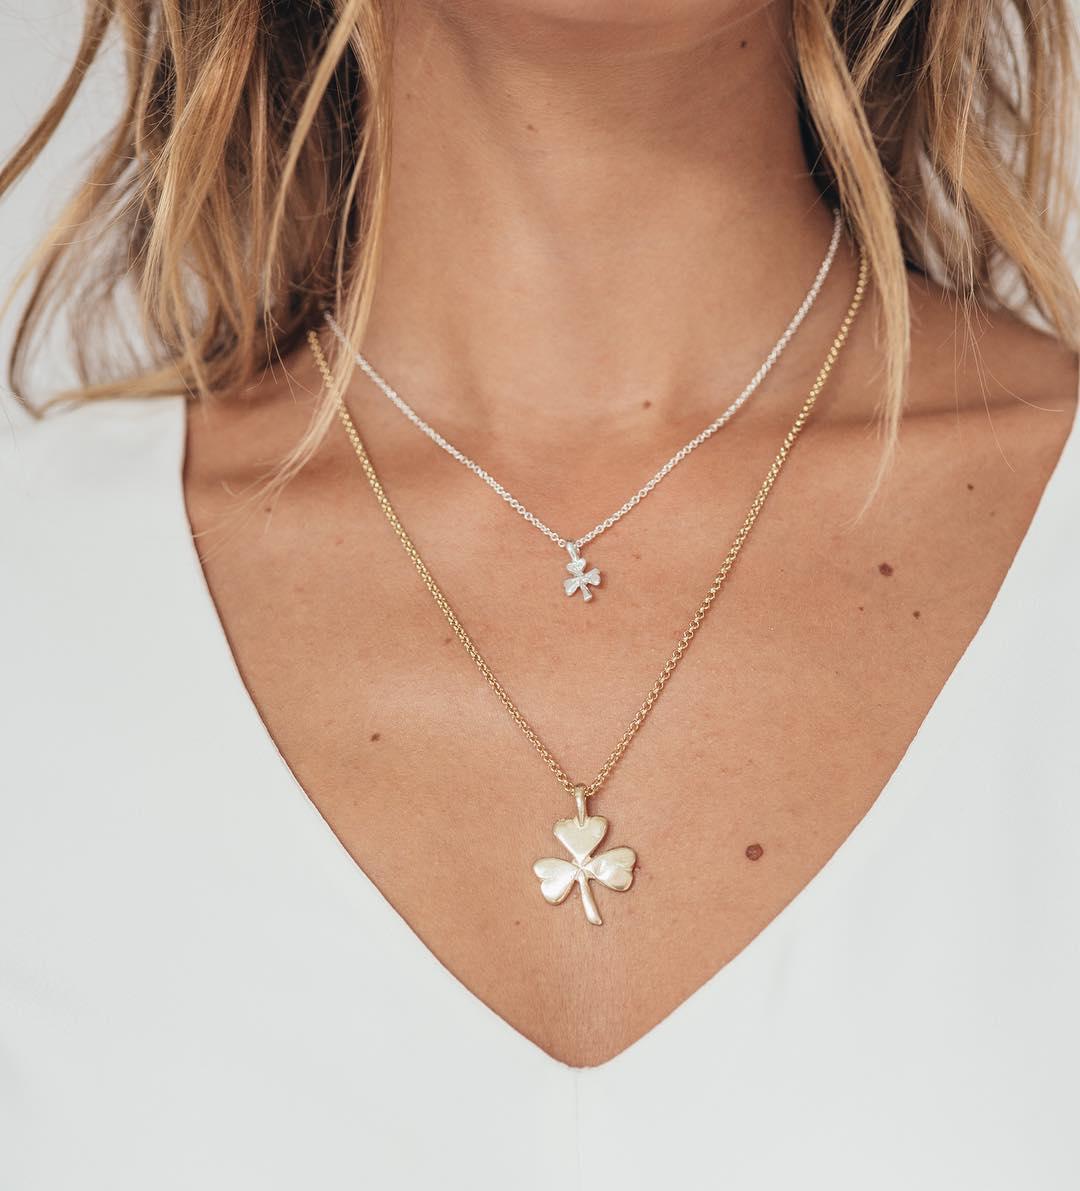 shamrock-necklace